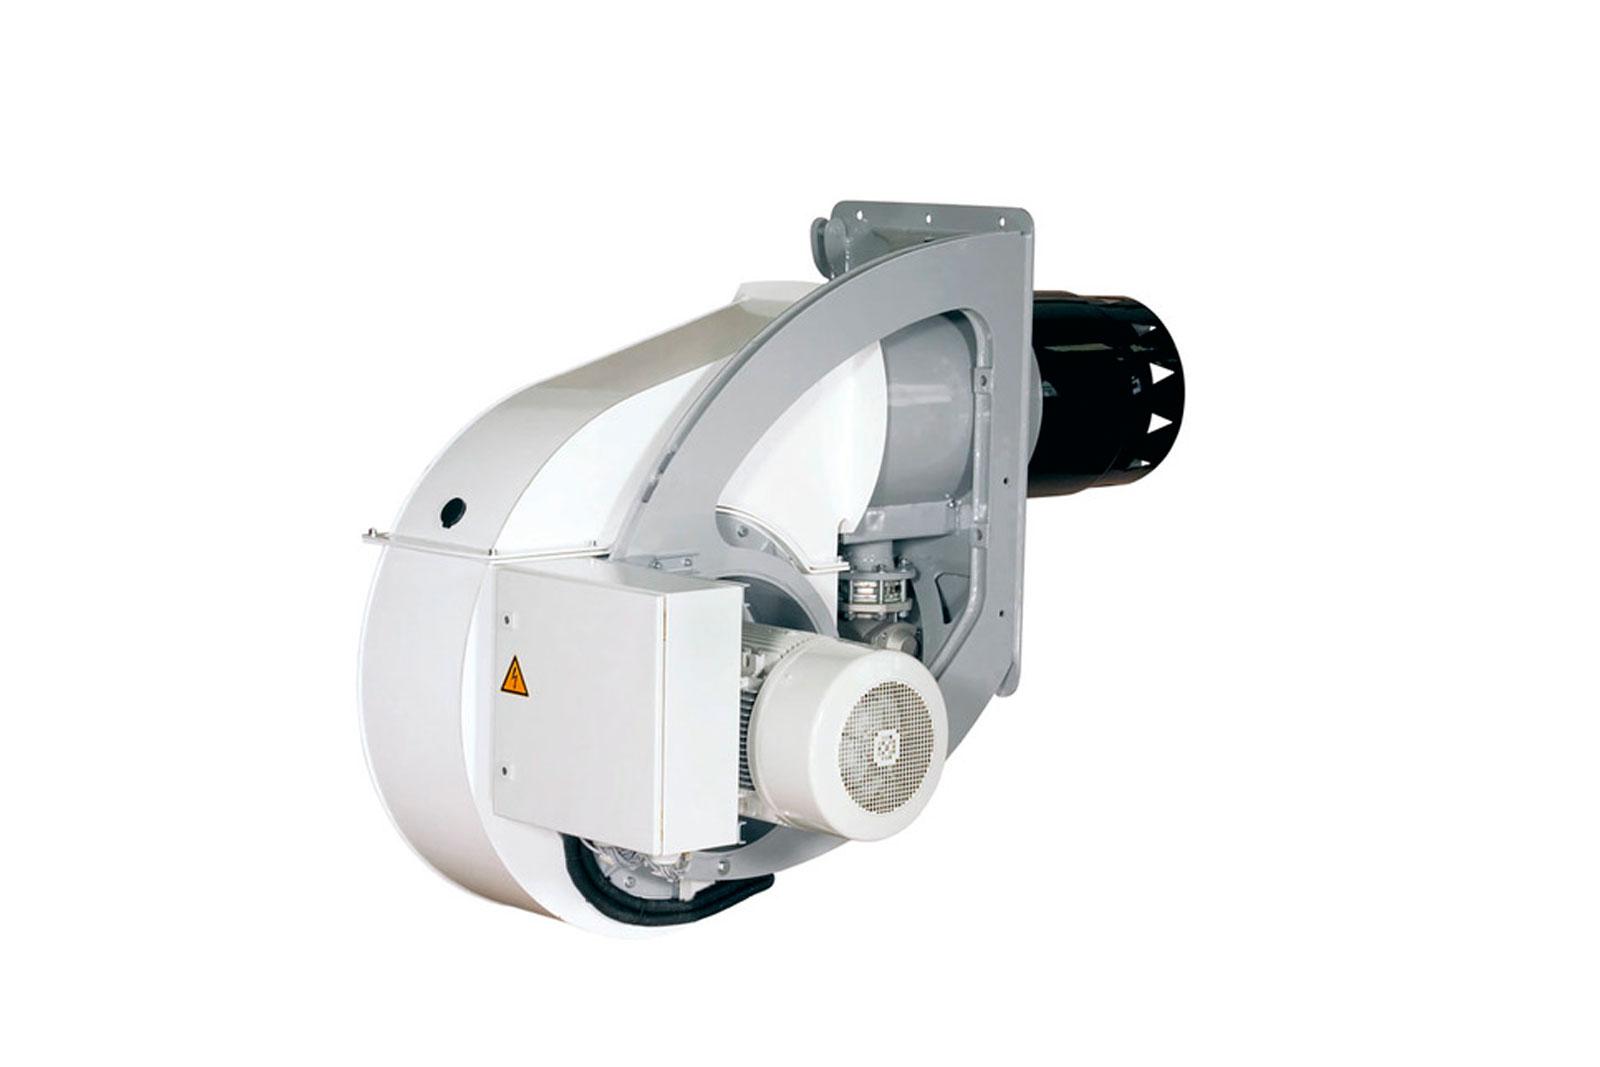 quemador-elco-monoblock-n10-flamax-eficiencia-energetica-ppal